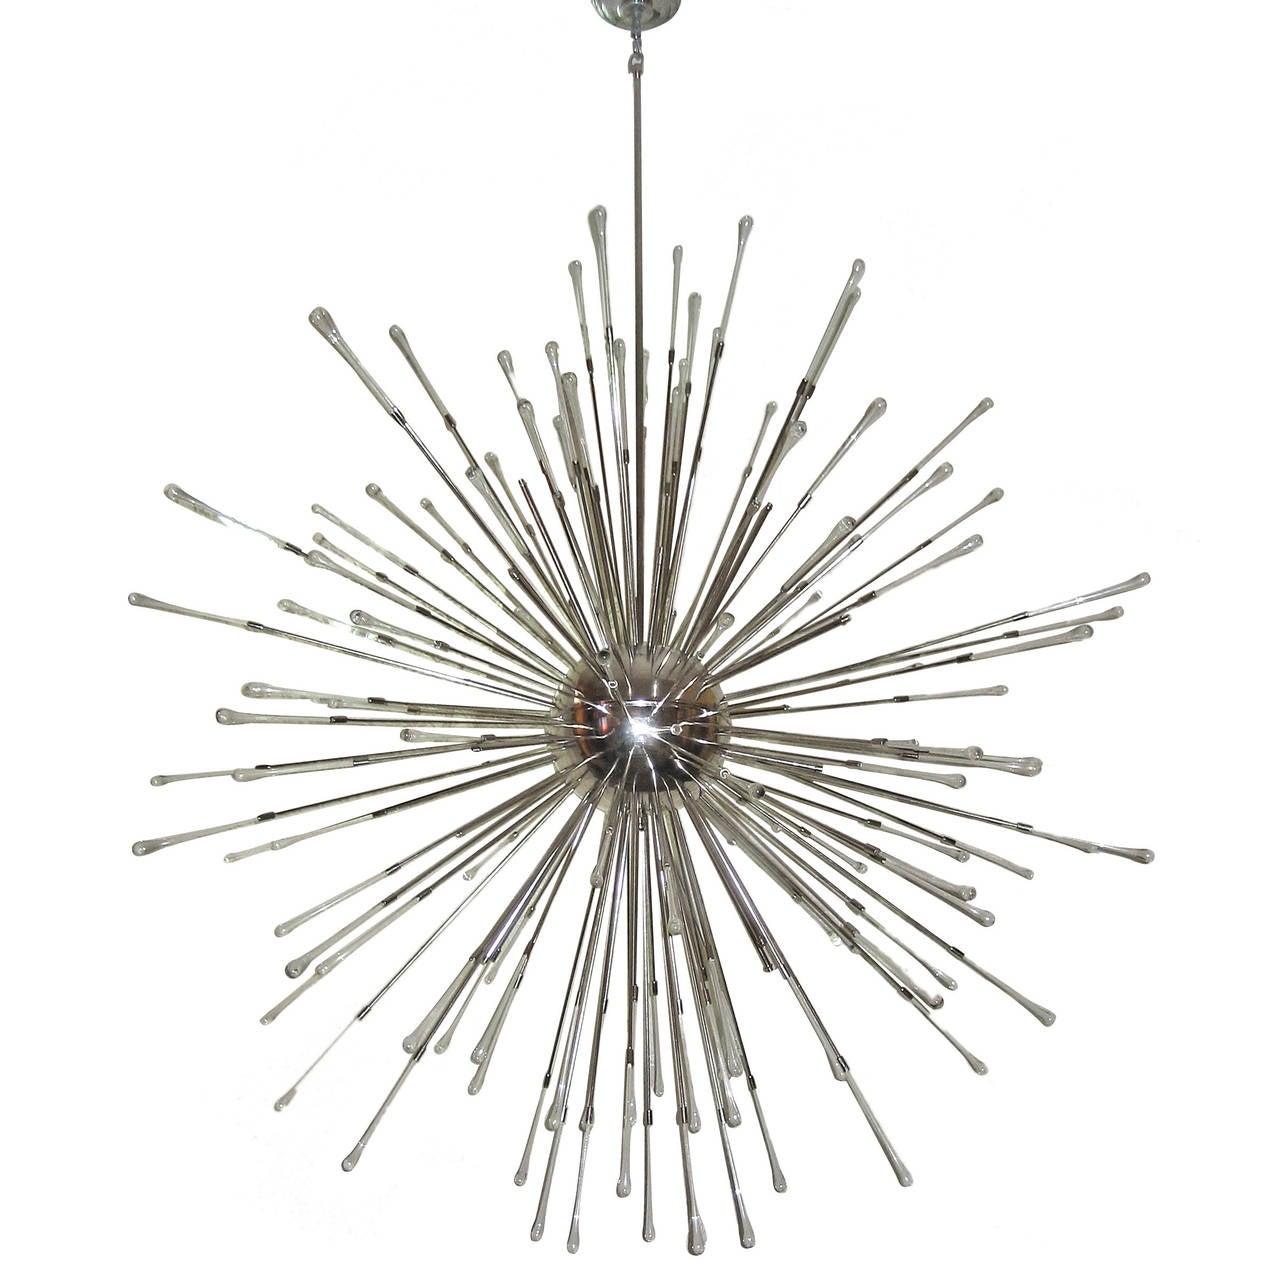 Very large moderne sputnik chandelier for sale at 1stdibs for Sputnik chandelier